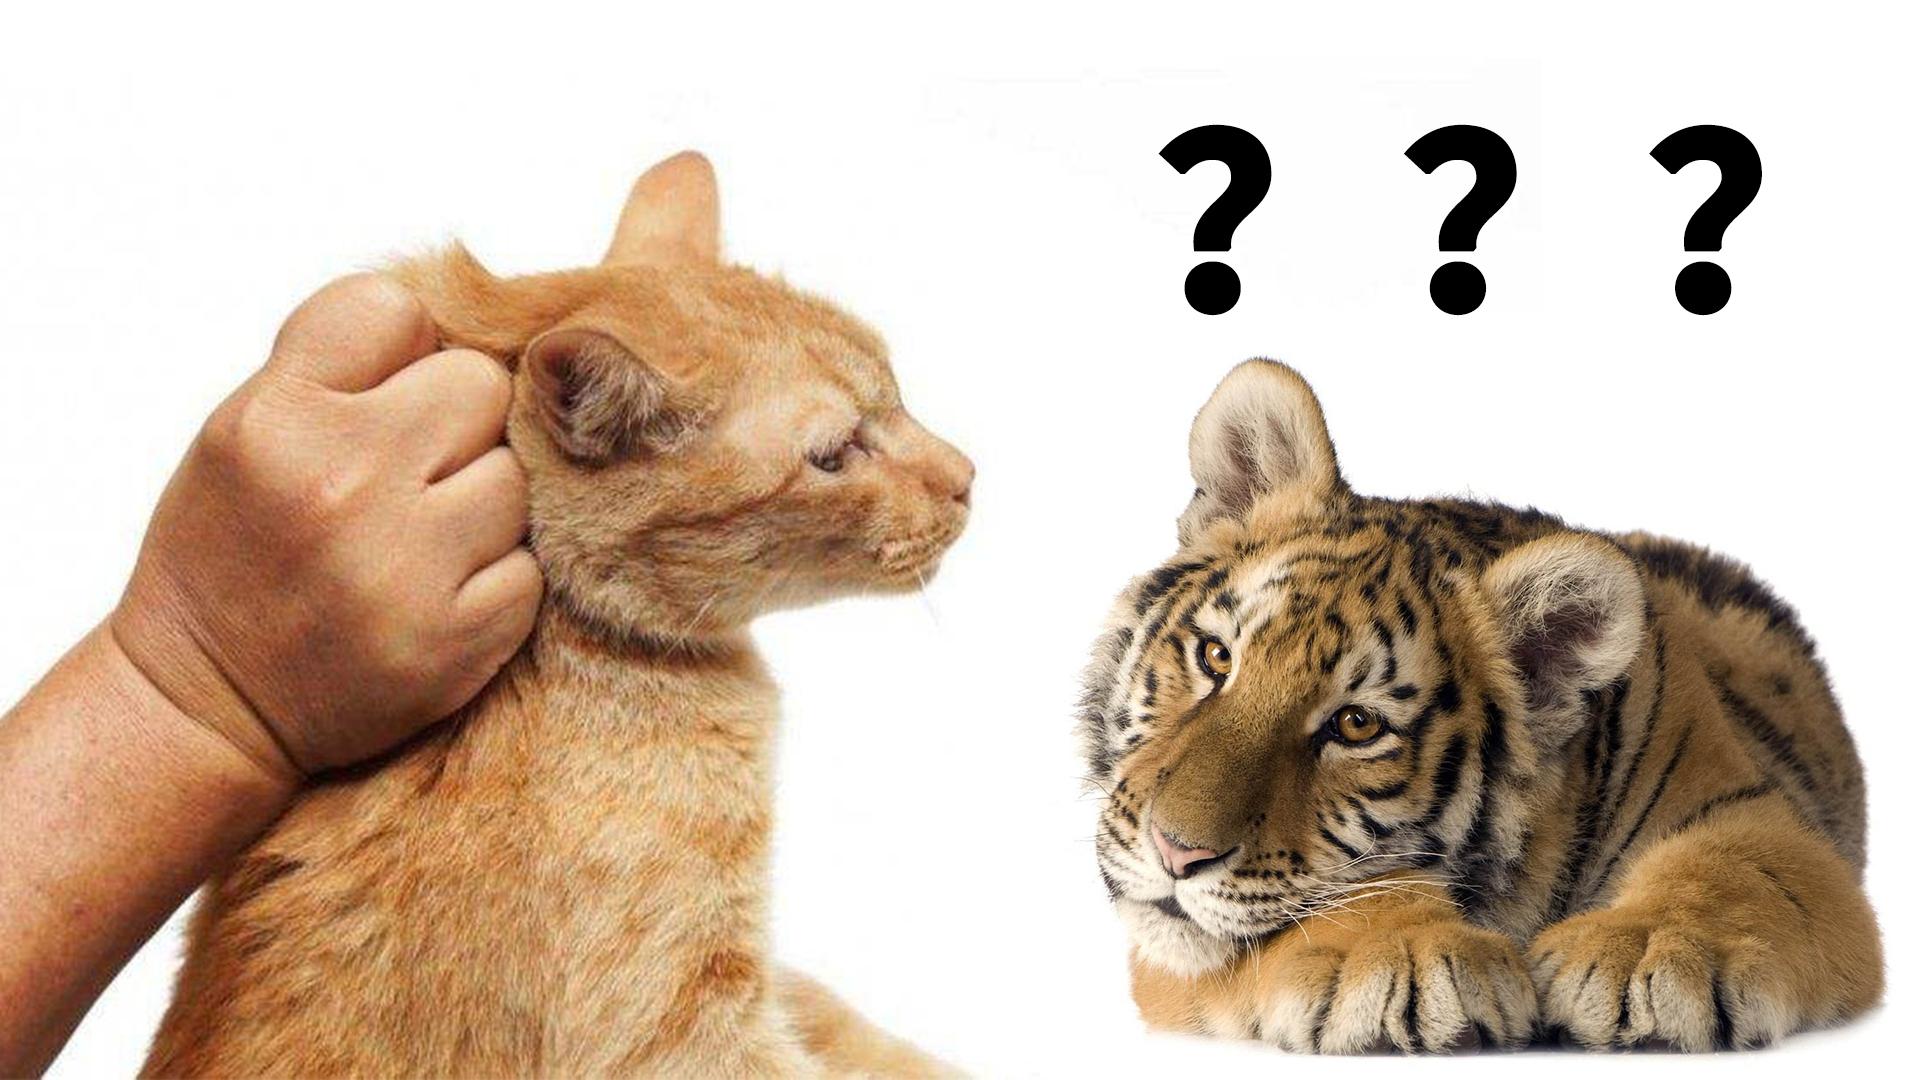 捏住老虎后颈肉,它会像猫咪一样变乖吗?